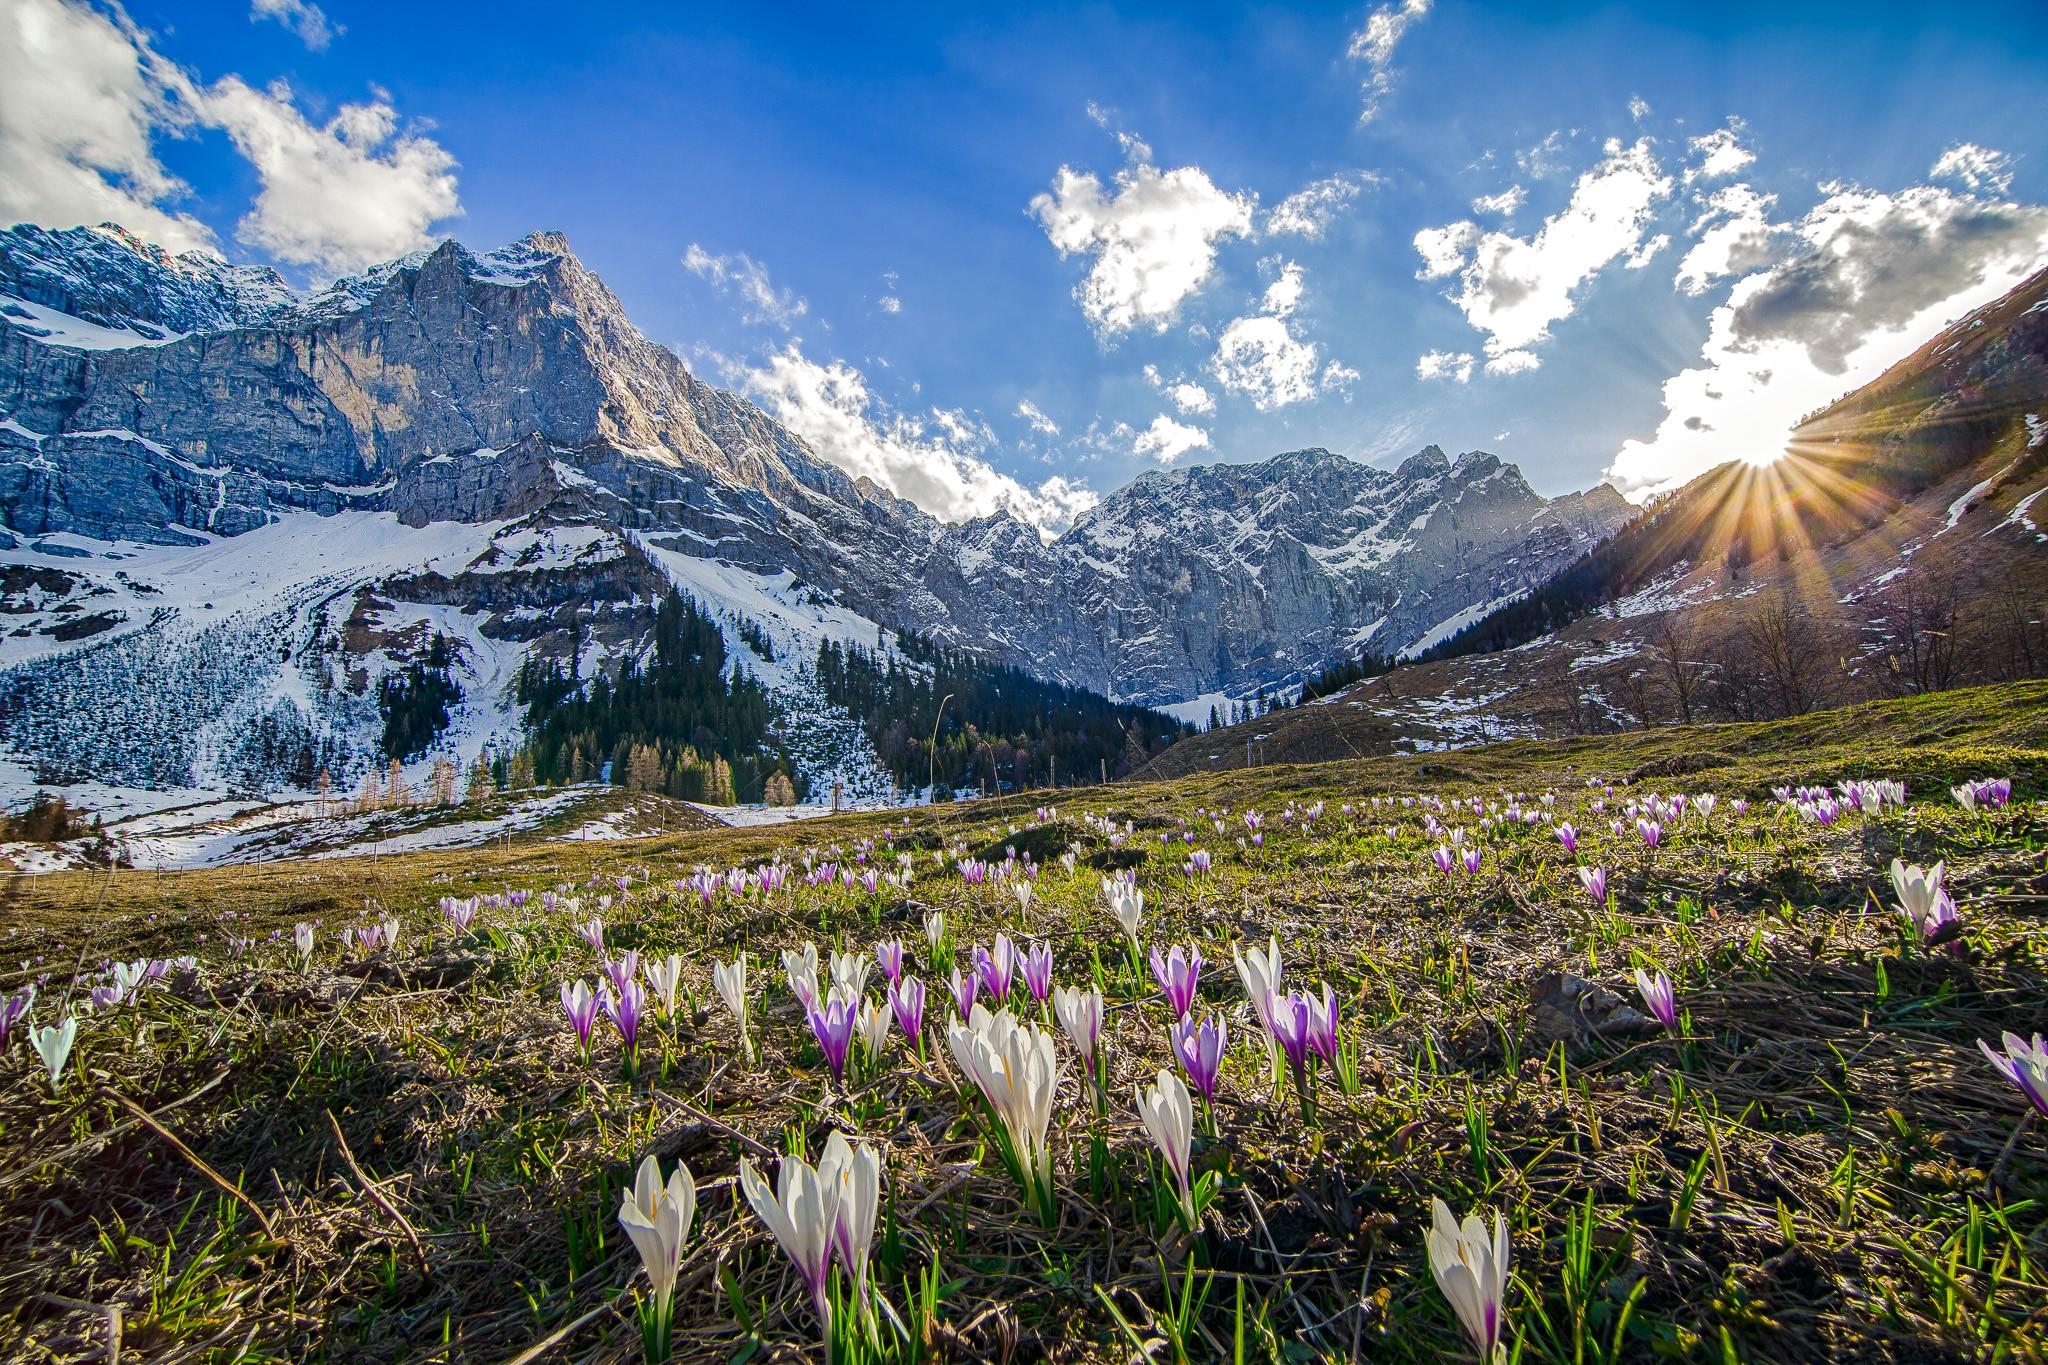 Krokuswiese in der Eng bei Sonnenuntergang, die Sonne kratzt noch am Bergrücken, gleich wird es kalt. Großer Ahornboden im Karwendel.